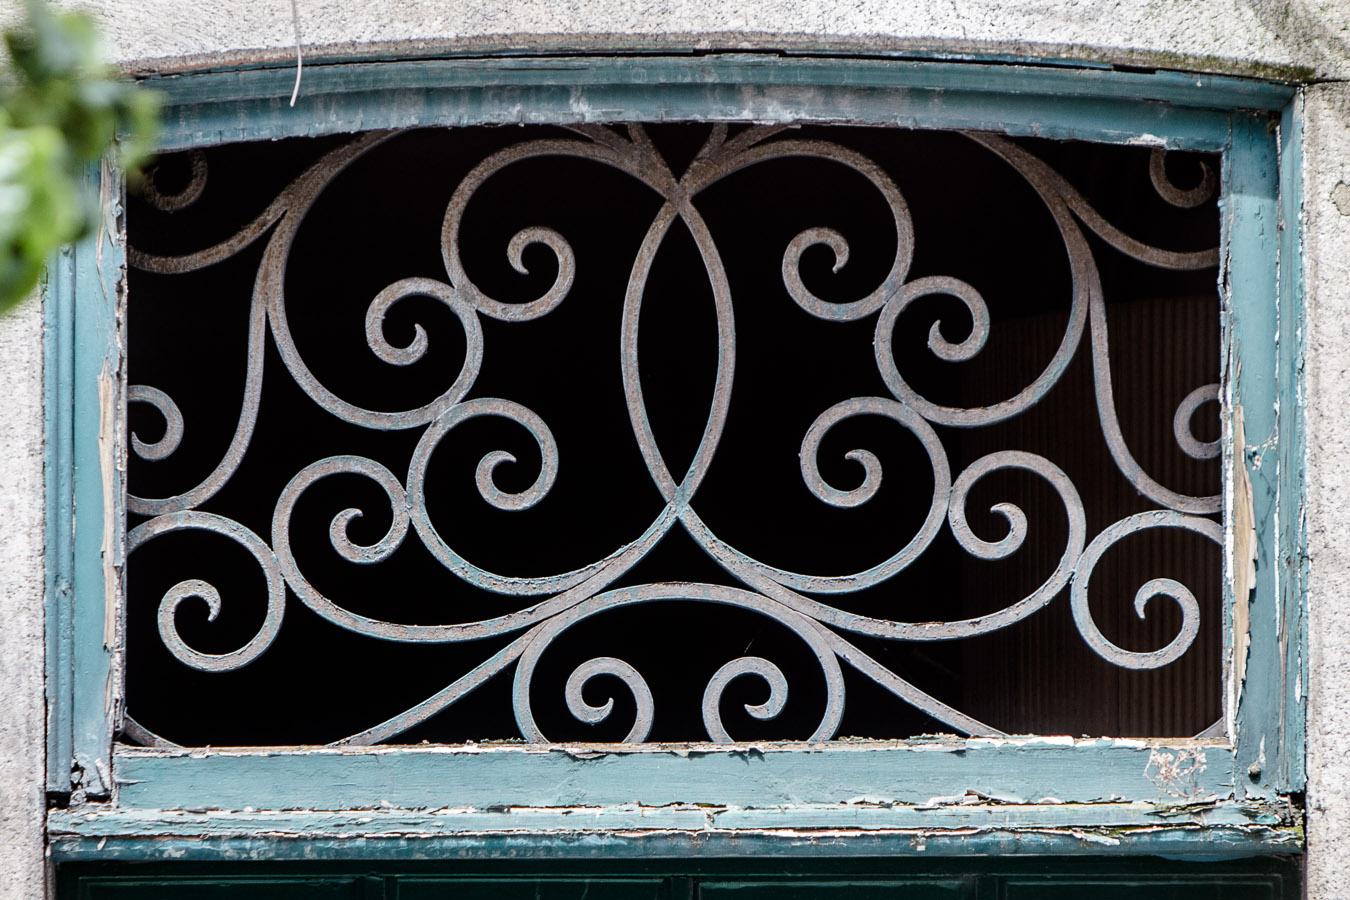 Proposta para a nova identidade gráfica da cidade do Porto